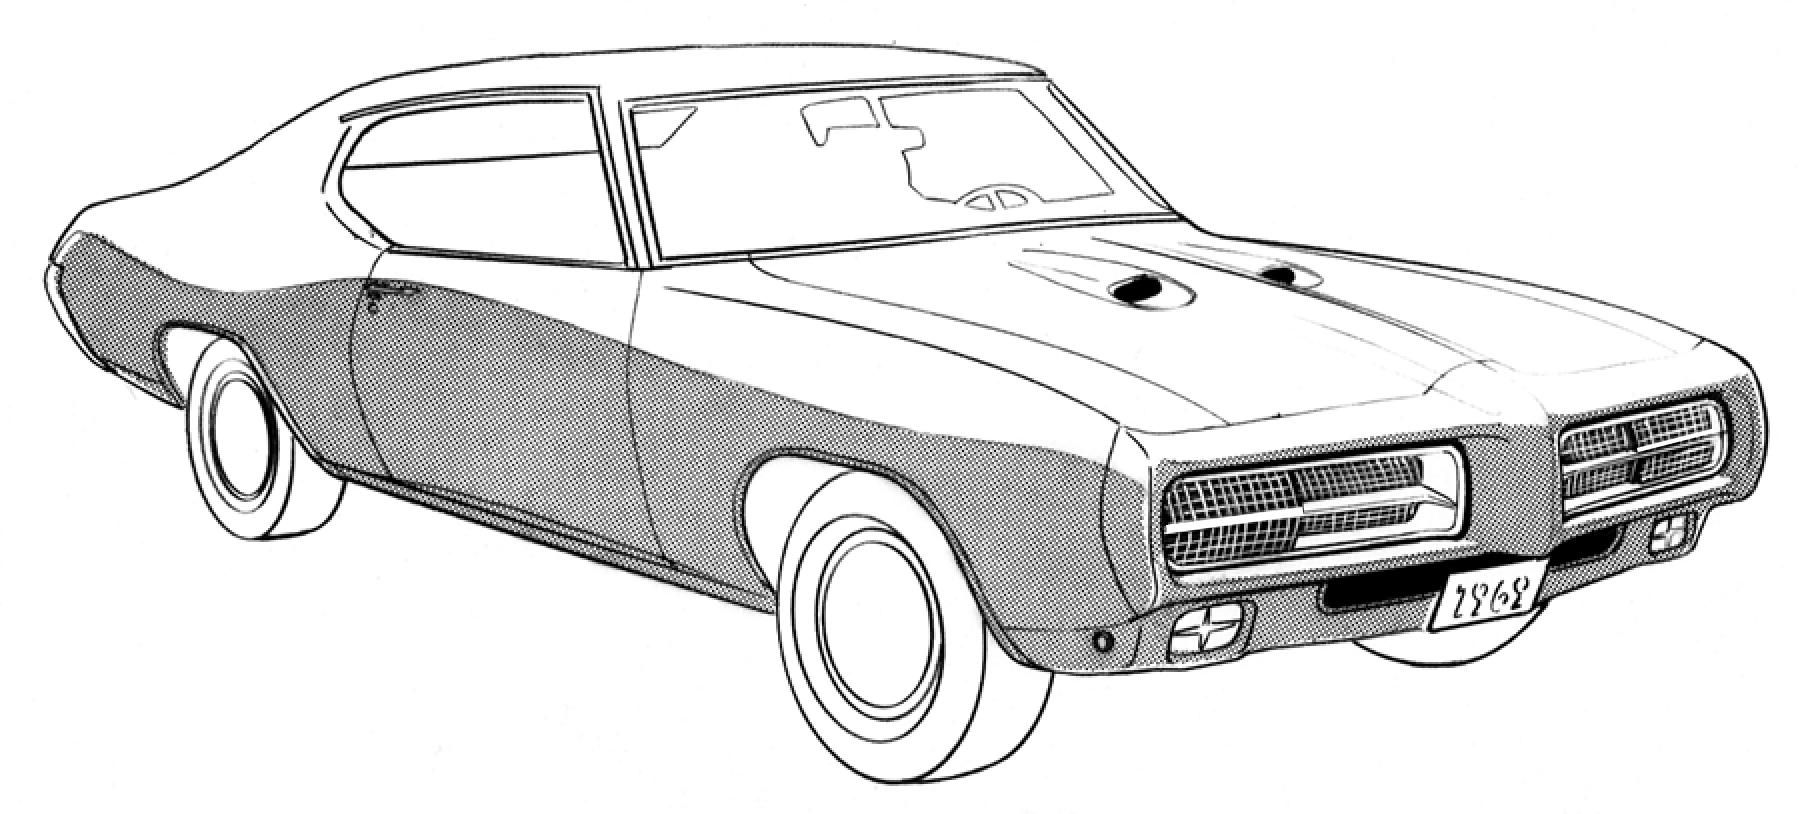 image gallery 1969 gto drawings1969 Pontiac Gto Drawing #12